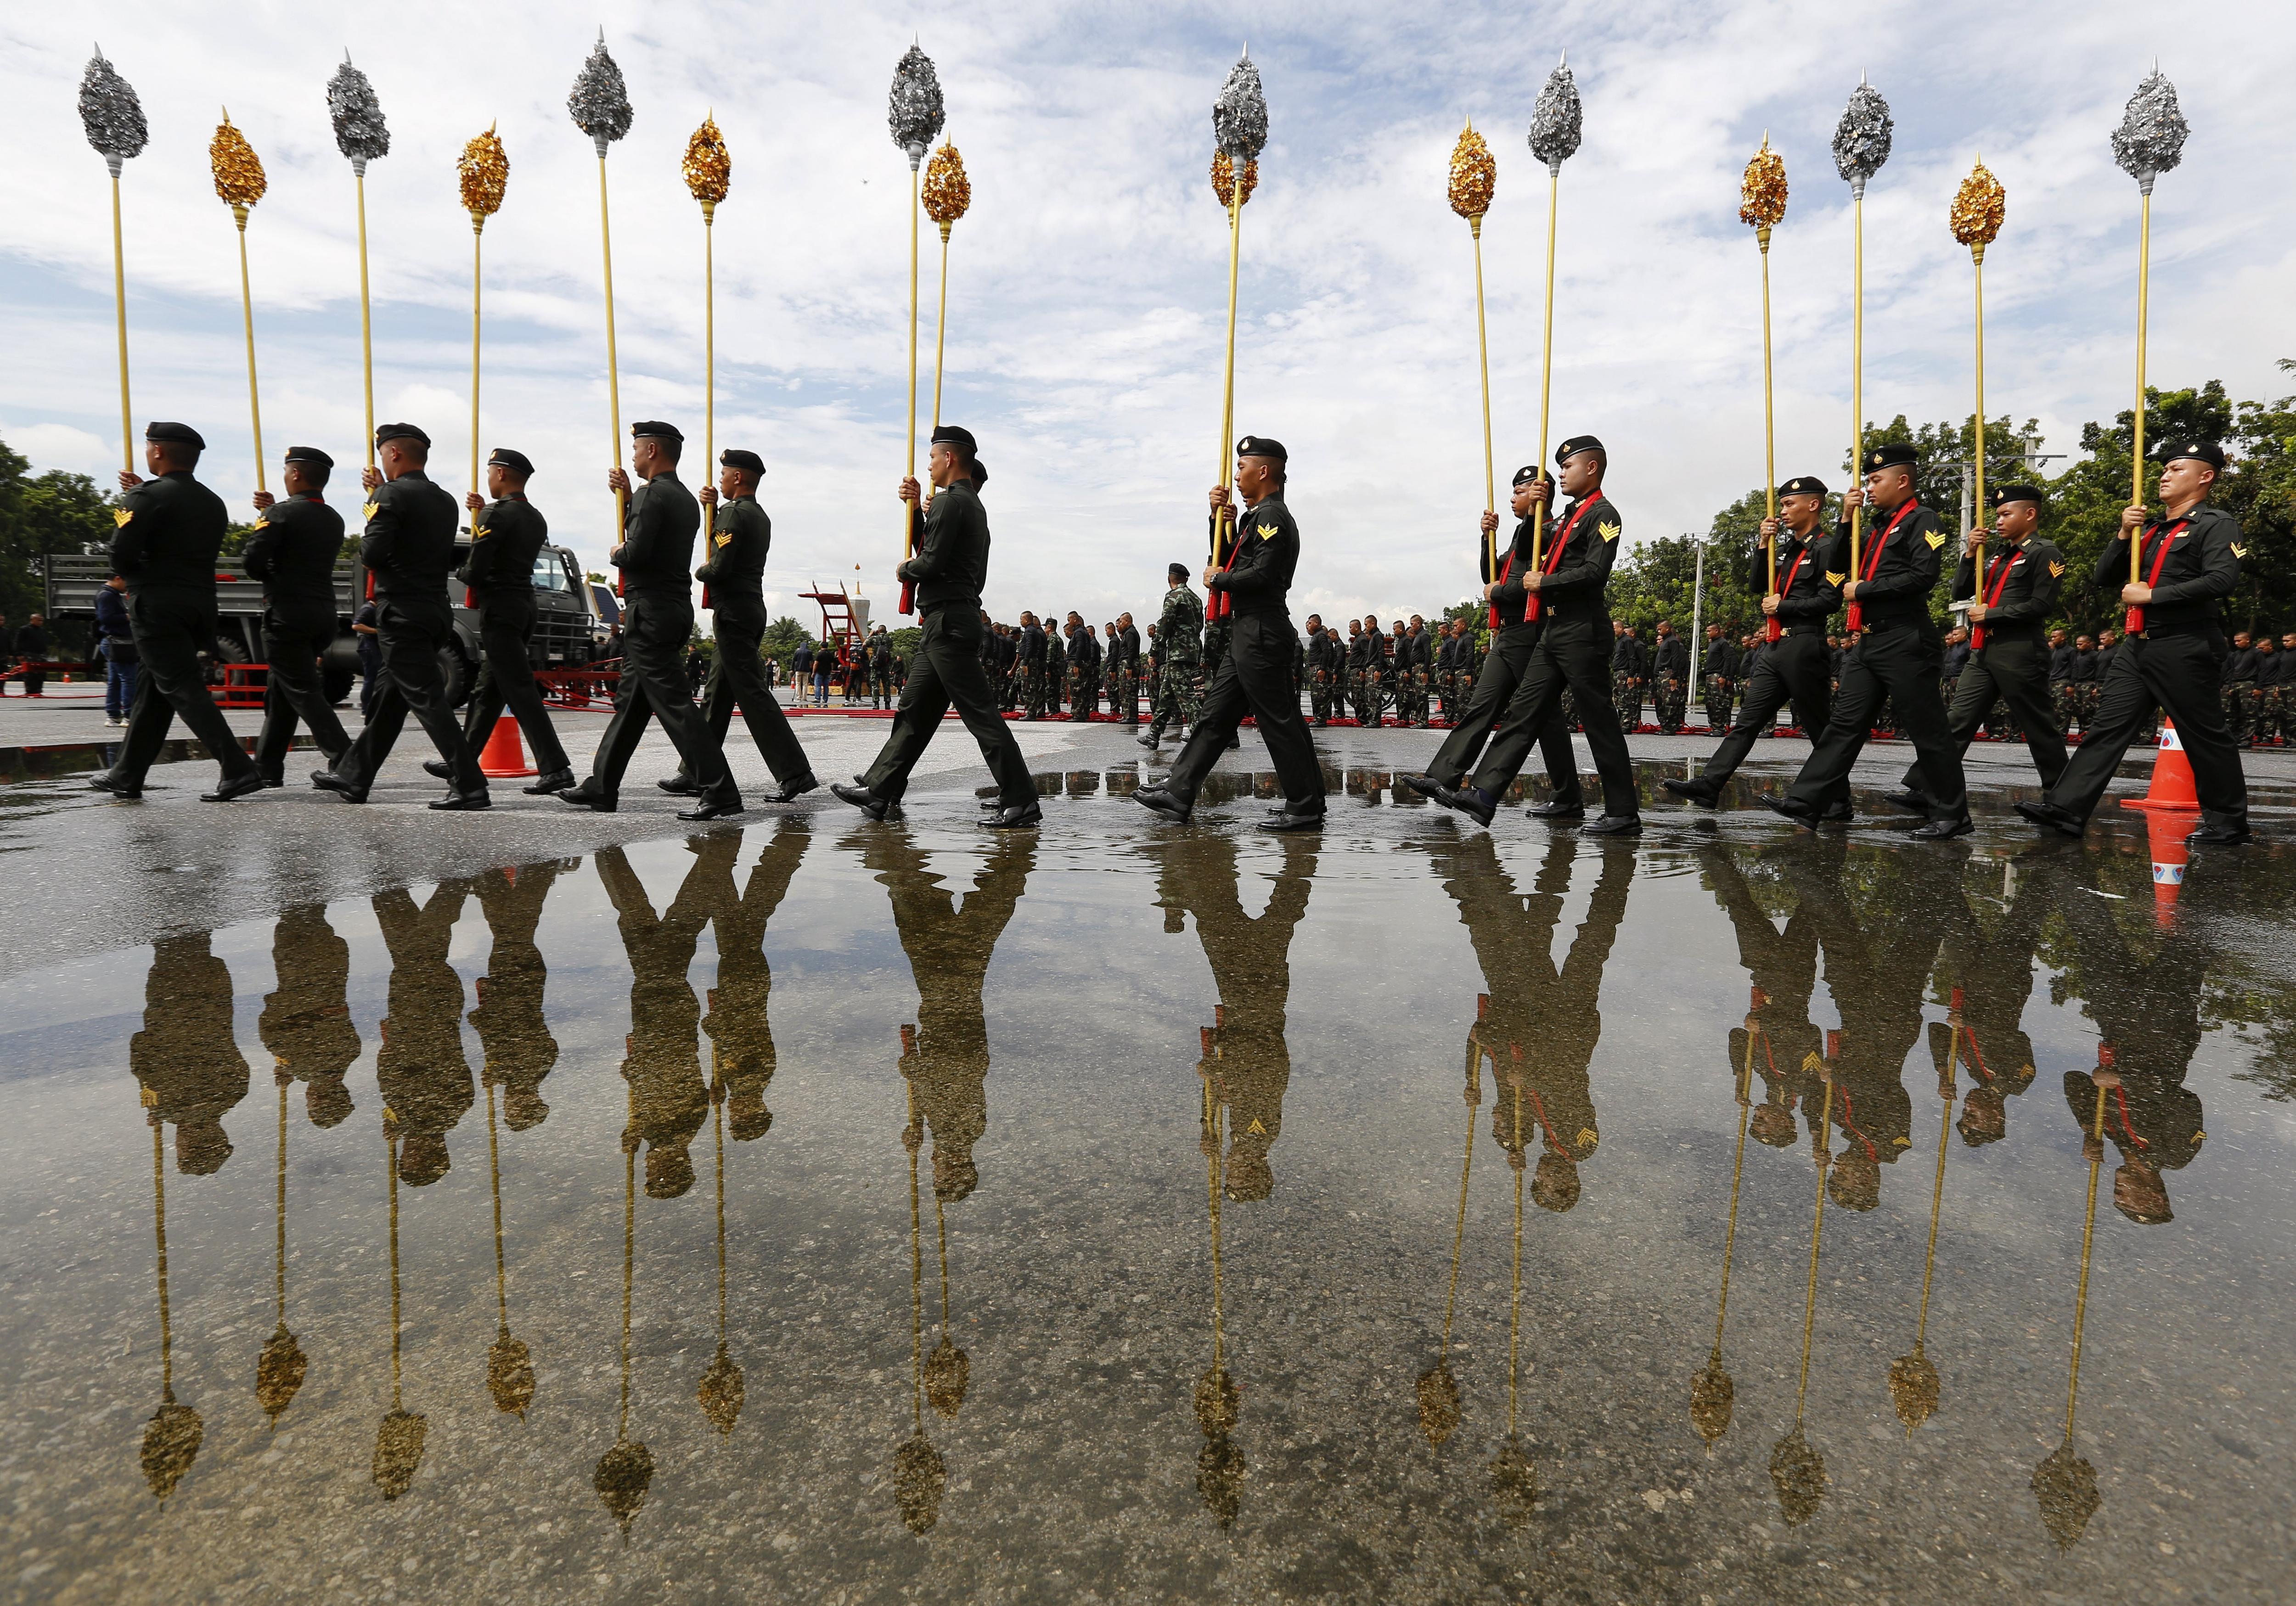 Soldats entrenen per a la processó funerària del rei Bhumibol Adulyadej de Tailàndia a la base militar de Bangkok (Tailàndia). /NARONG SANGNAK